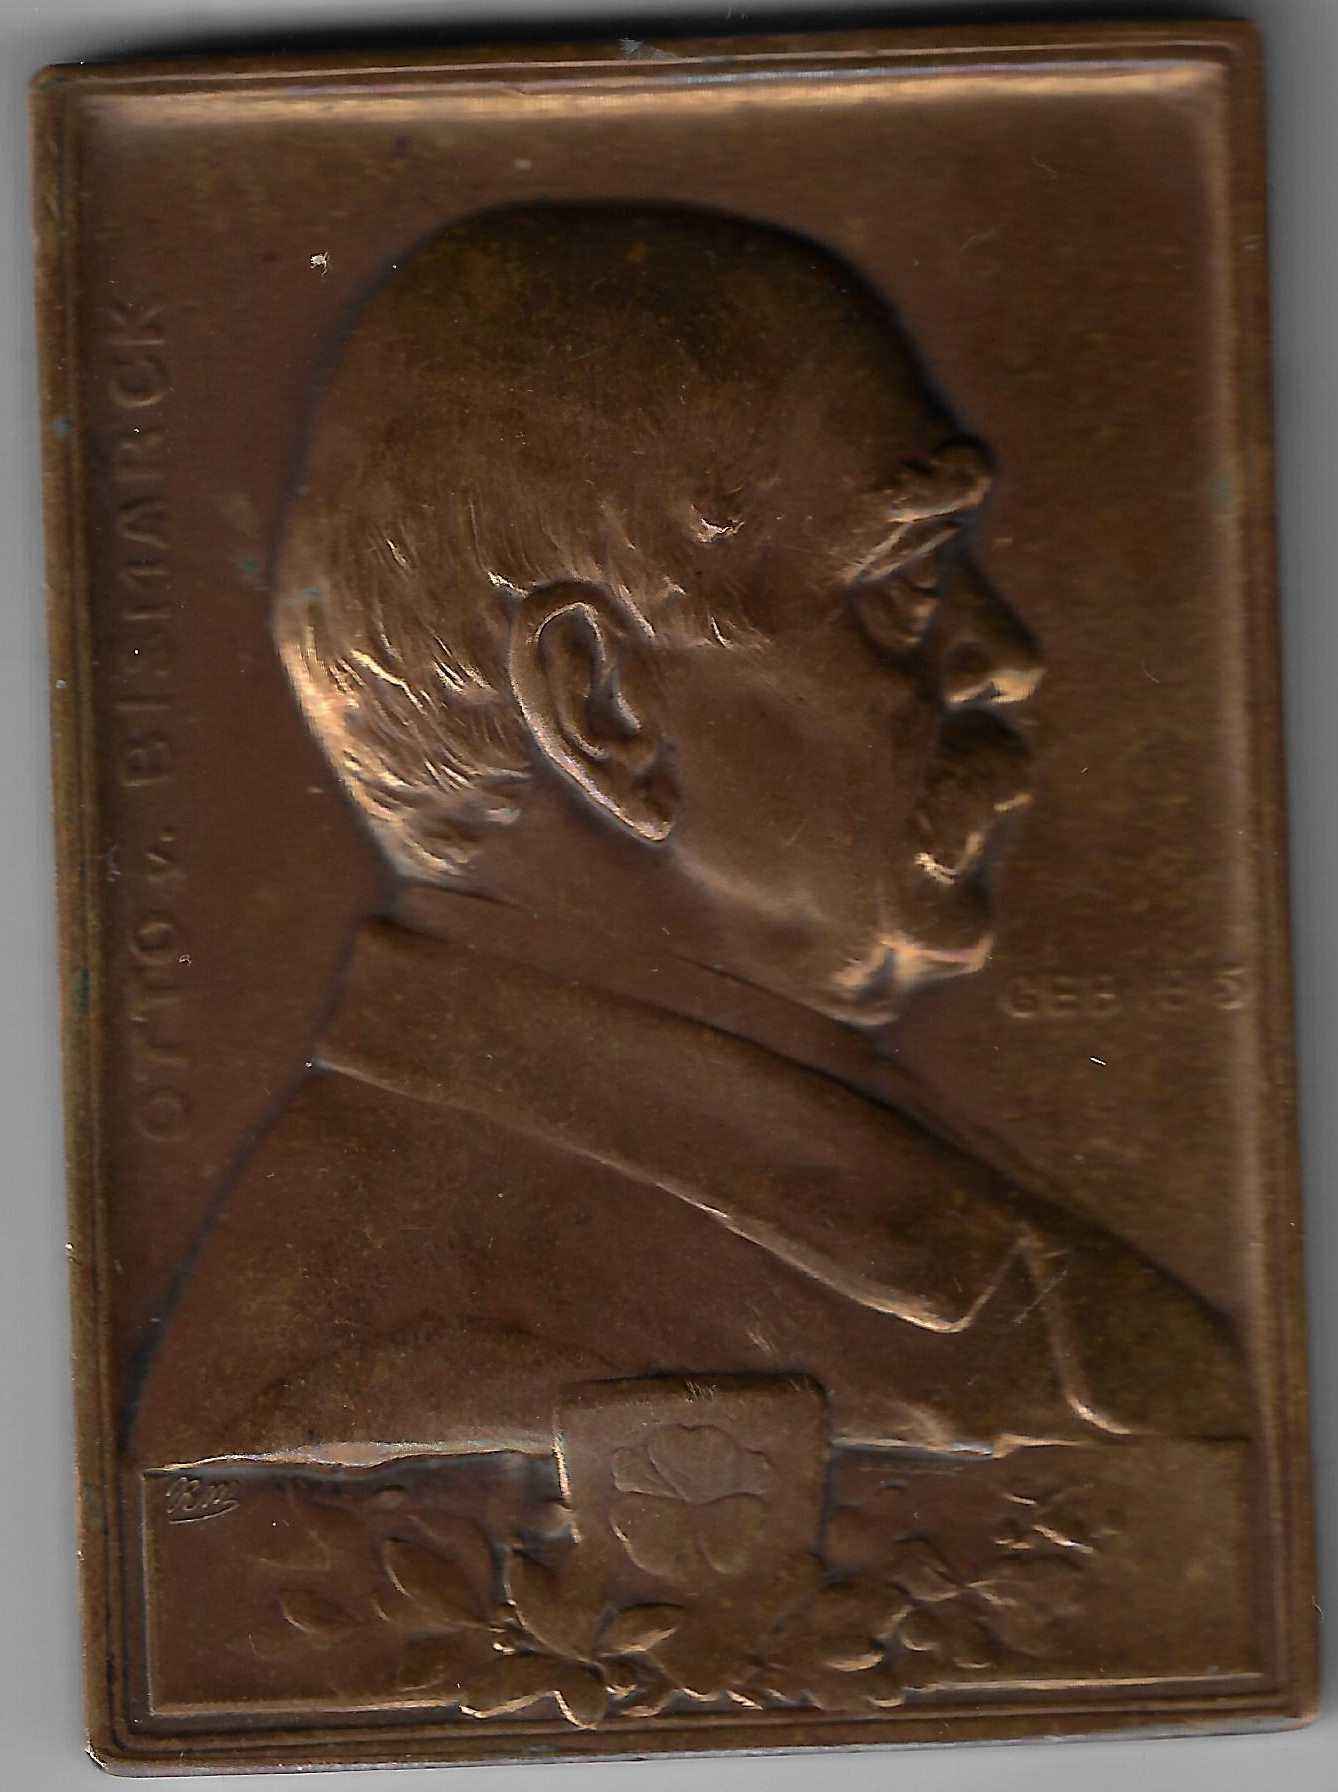 Medaille 1898 BH Mayer Rudolf Mayer Otto von Bismarck vorne.jpg